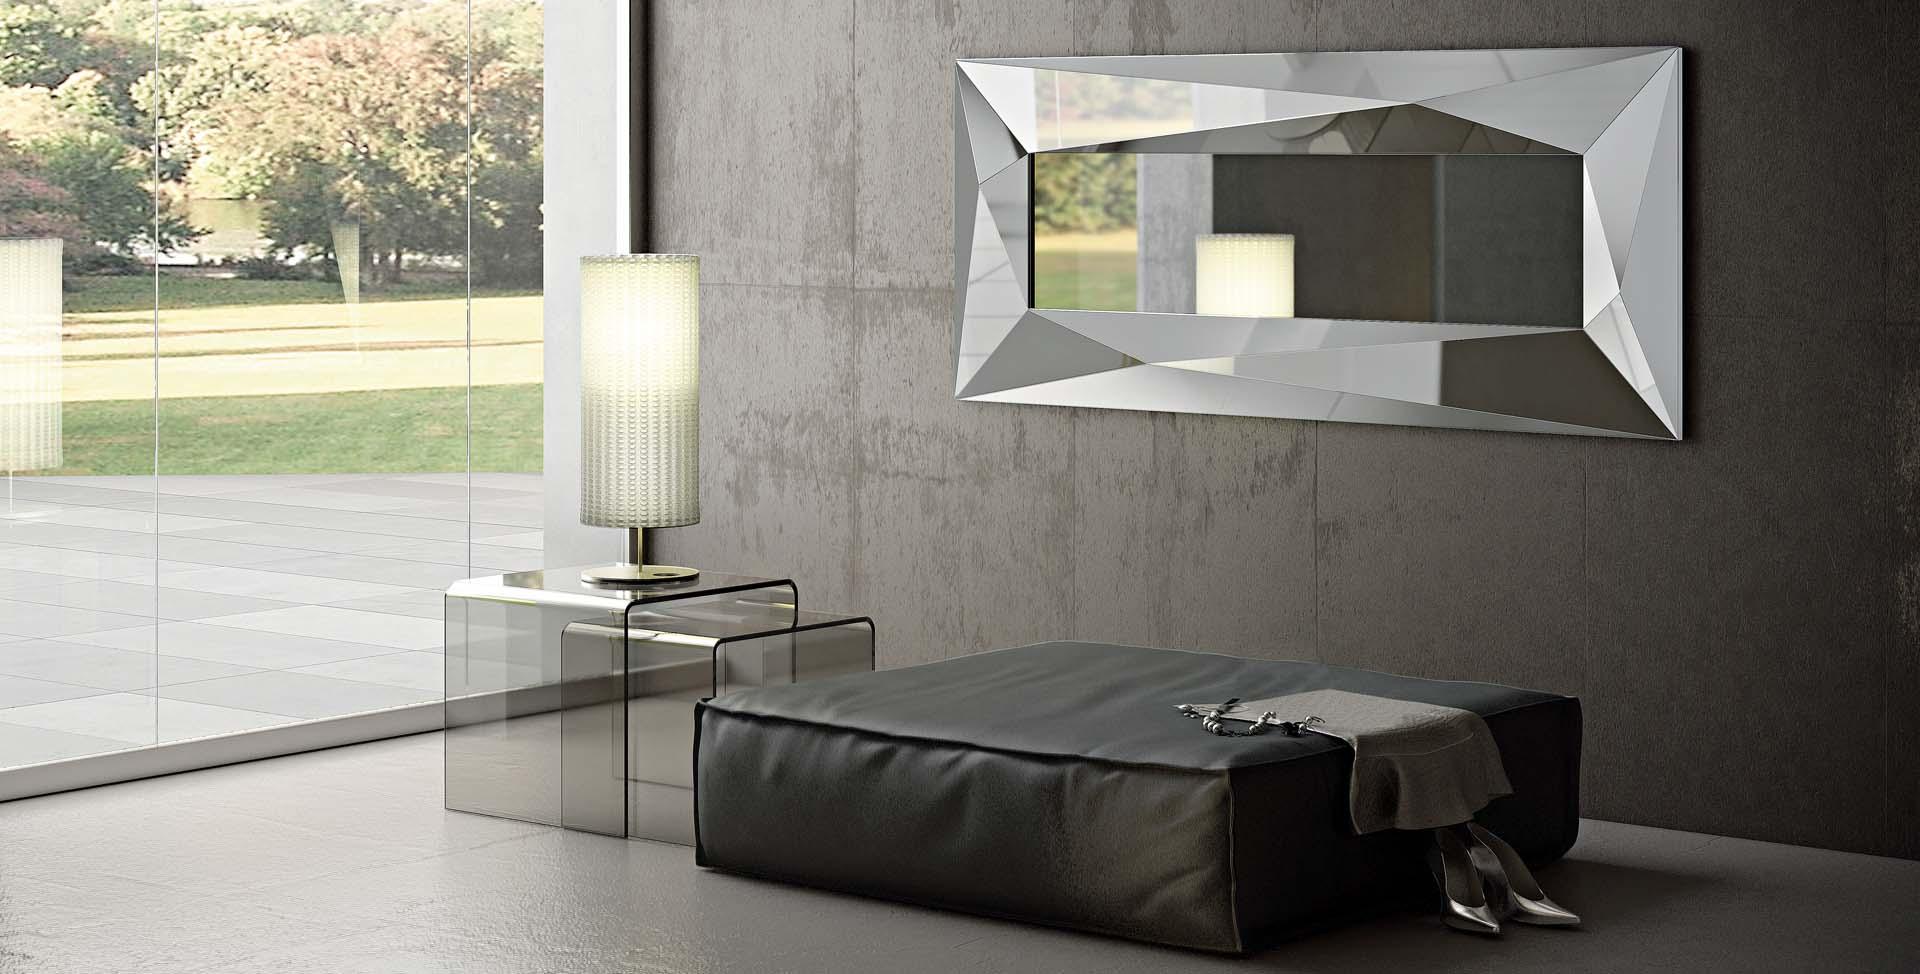 Galeria Tetmajera 83 Sztuka Wnętrz Ekspozycja Dla